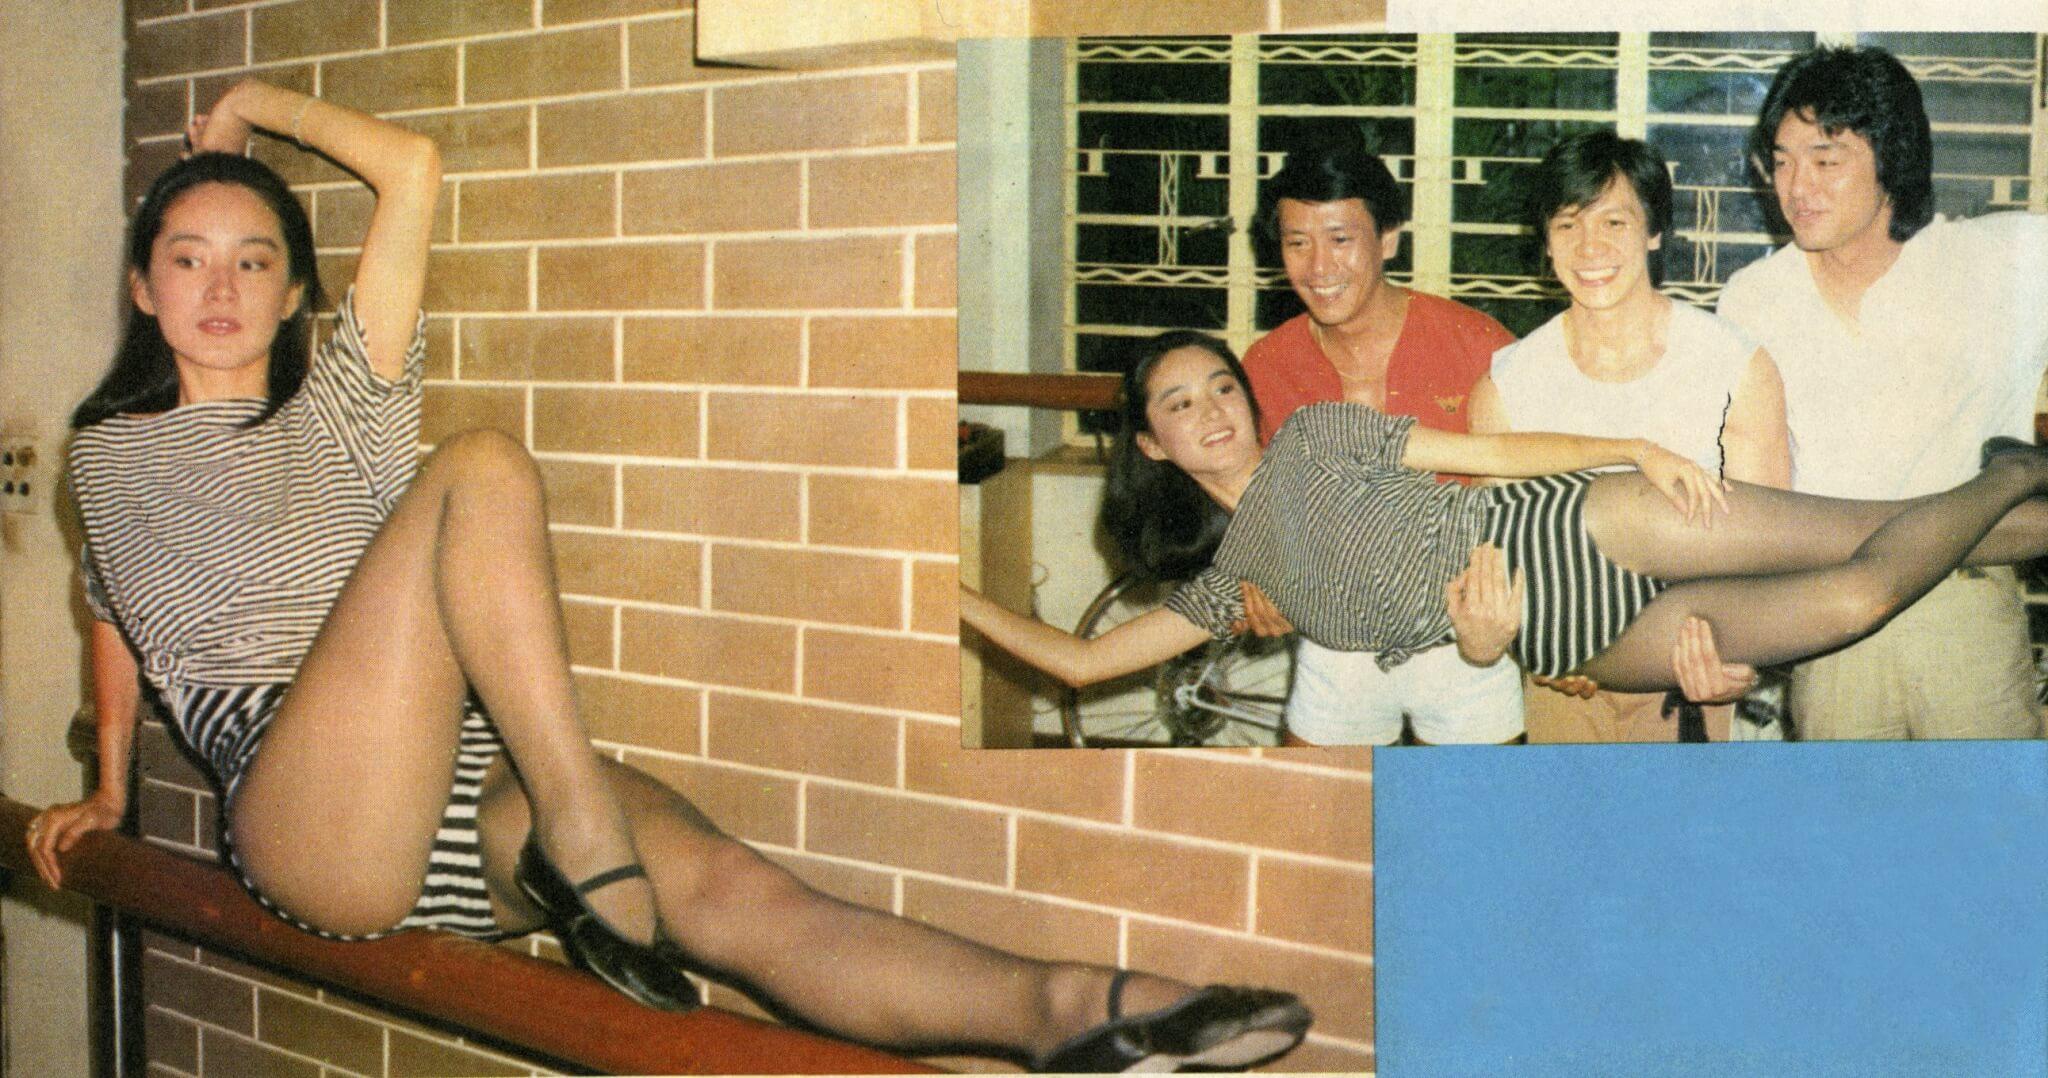 青霞曾表示喜歡各種新嘗試,即使穿着泳衣演出也沒有問題;她穿着健康舞衣與三位拍檔綵排,其實只要脱去上衣,便與泳衣沒有兩樣了。